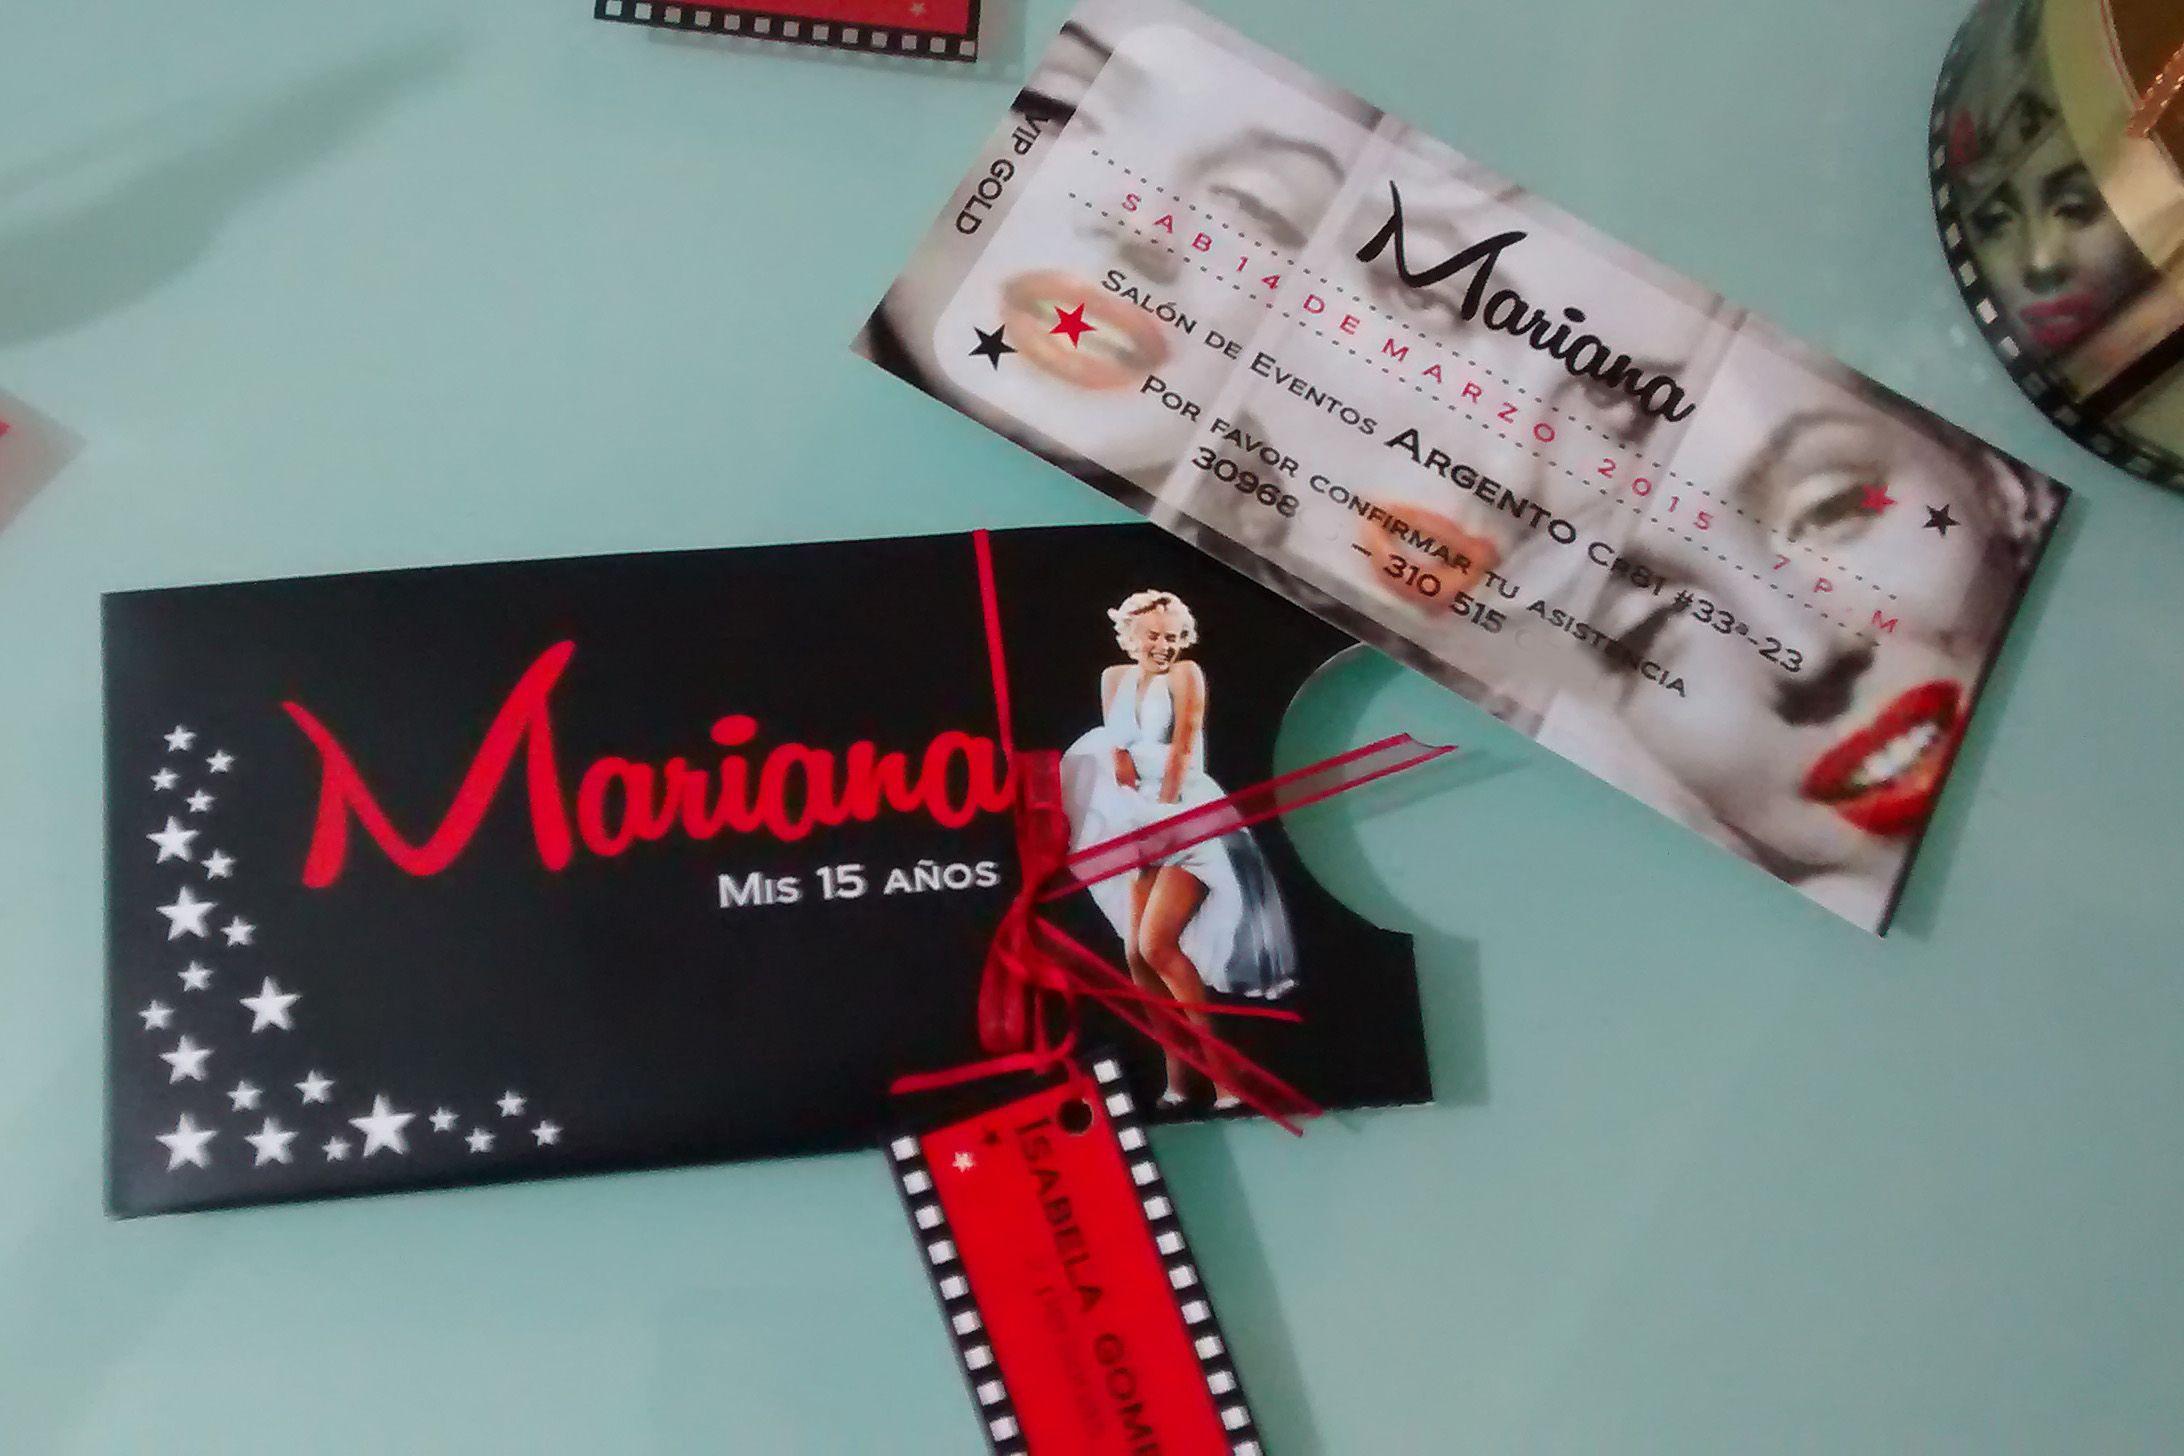 Invitación Marilyn Monroe